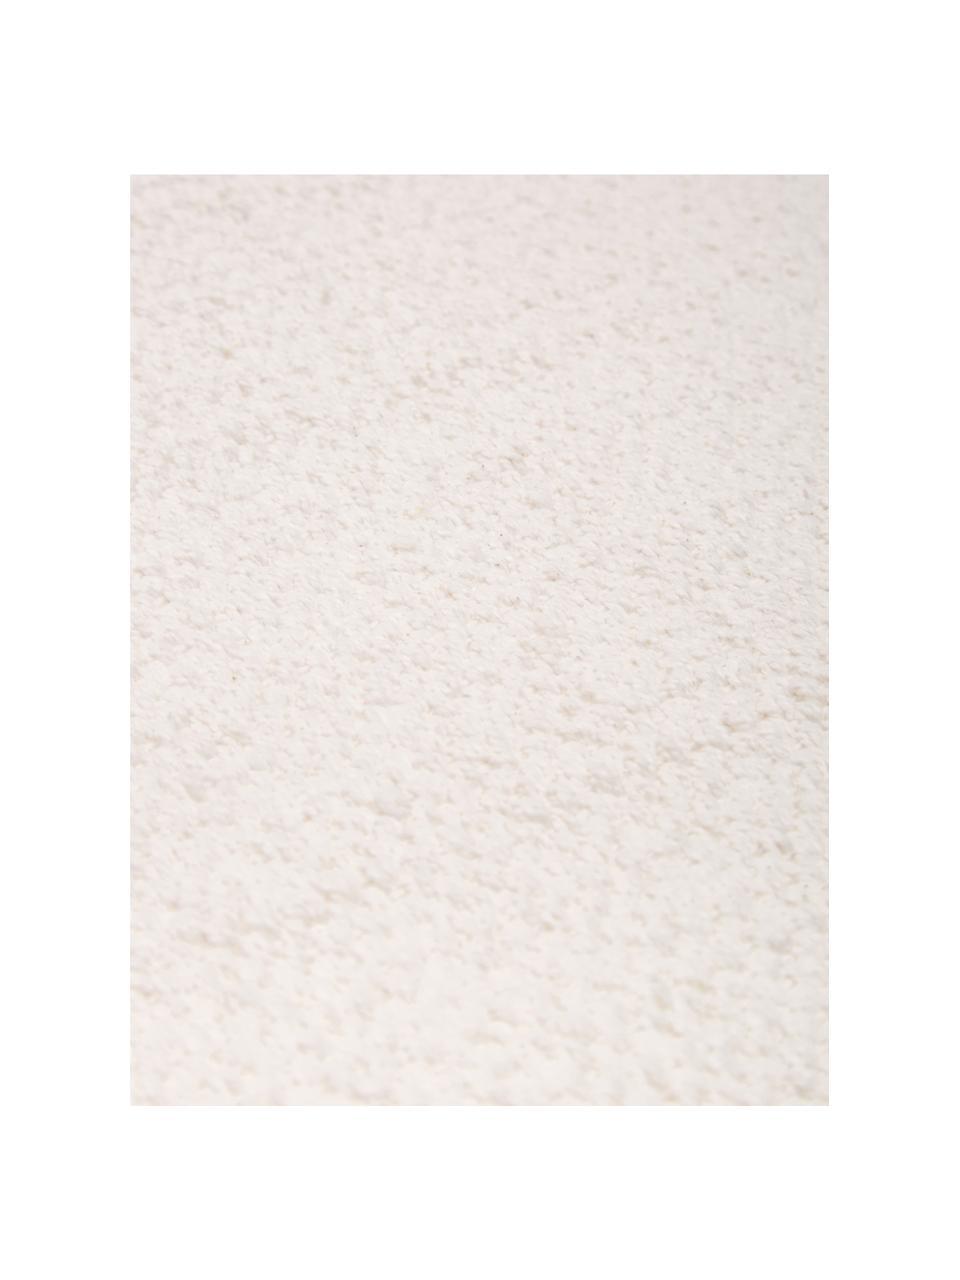 Tappeto in cotone tessuto a mano Agneta, 100% cotone, Bianco, Larg. 200 x Lung. 300 cm (taglia L)